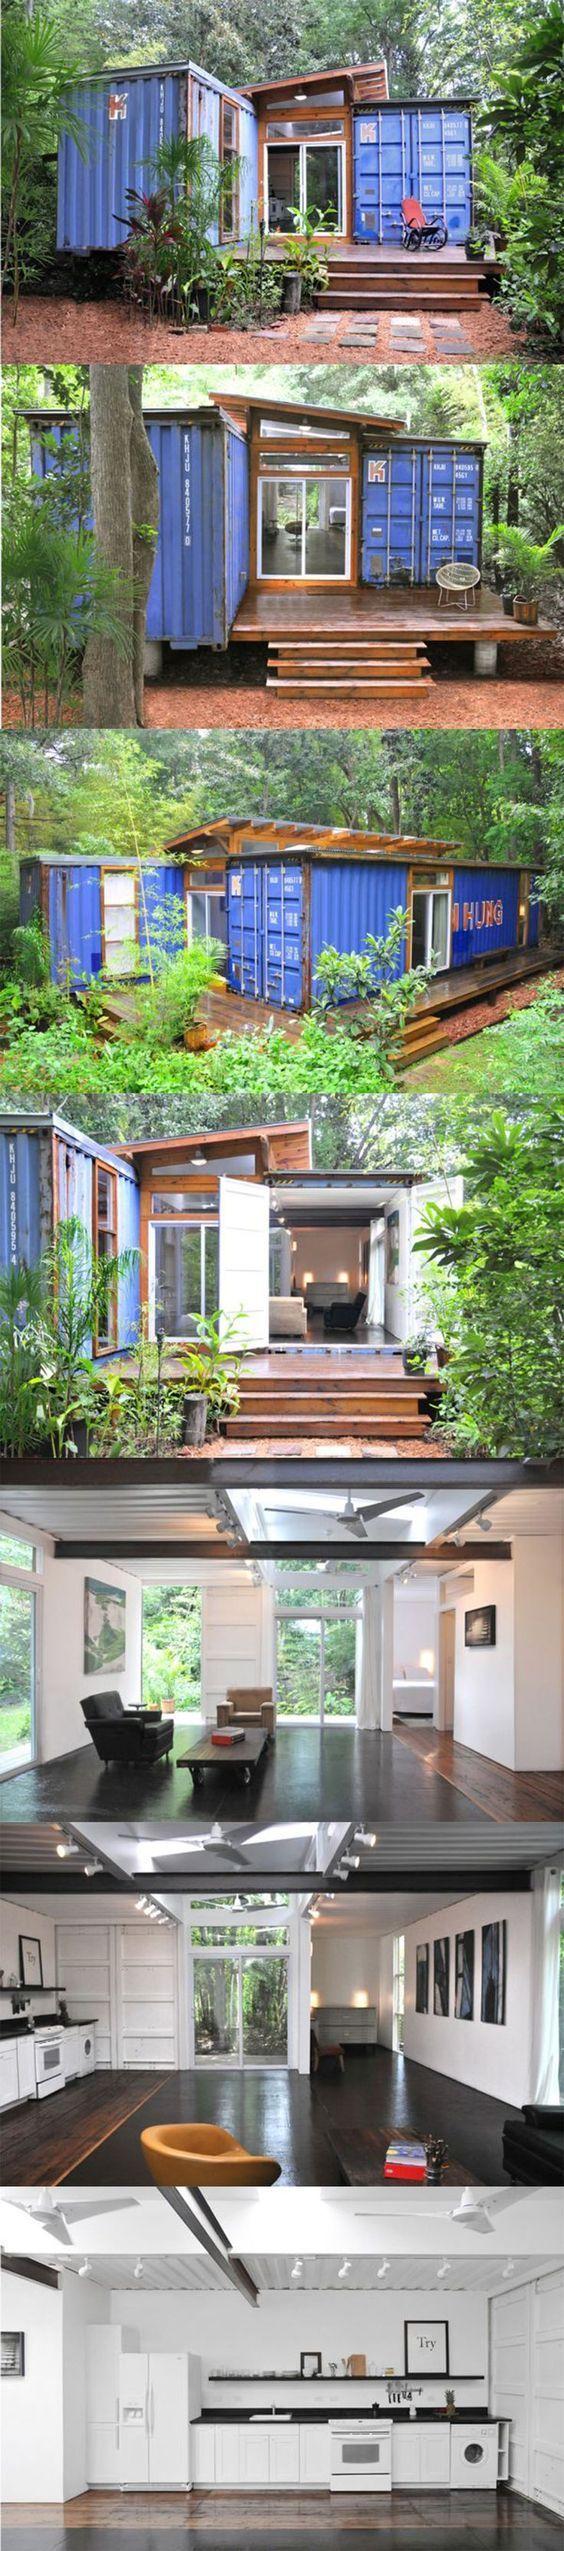 Más de 25 ideas increíbles sobre Casas conteiner en Pinterest ...